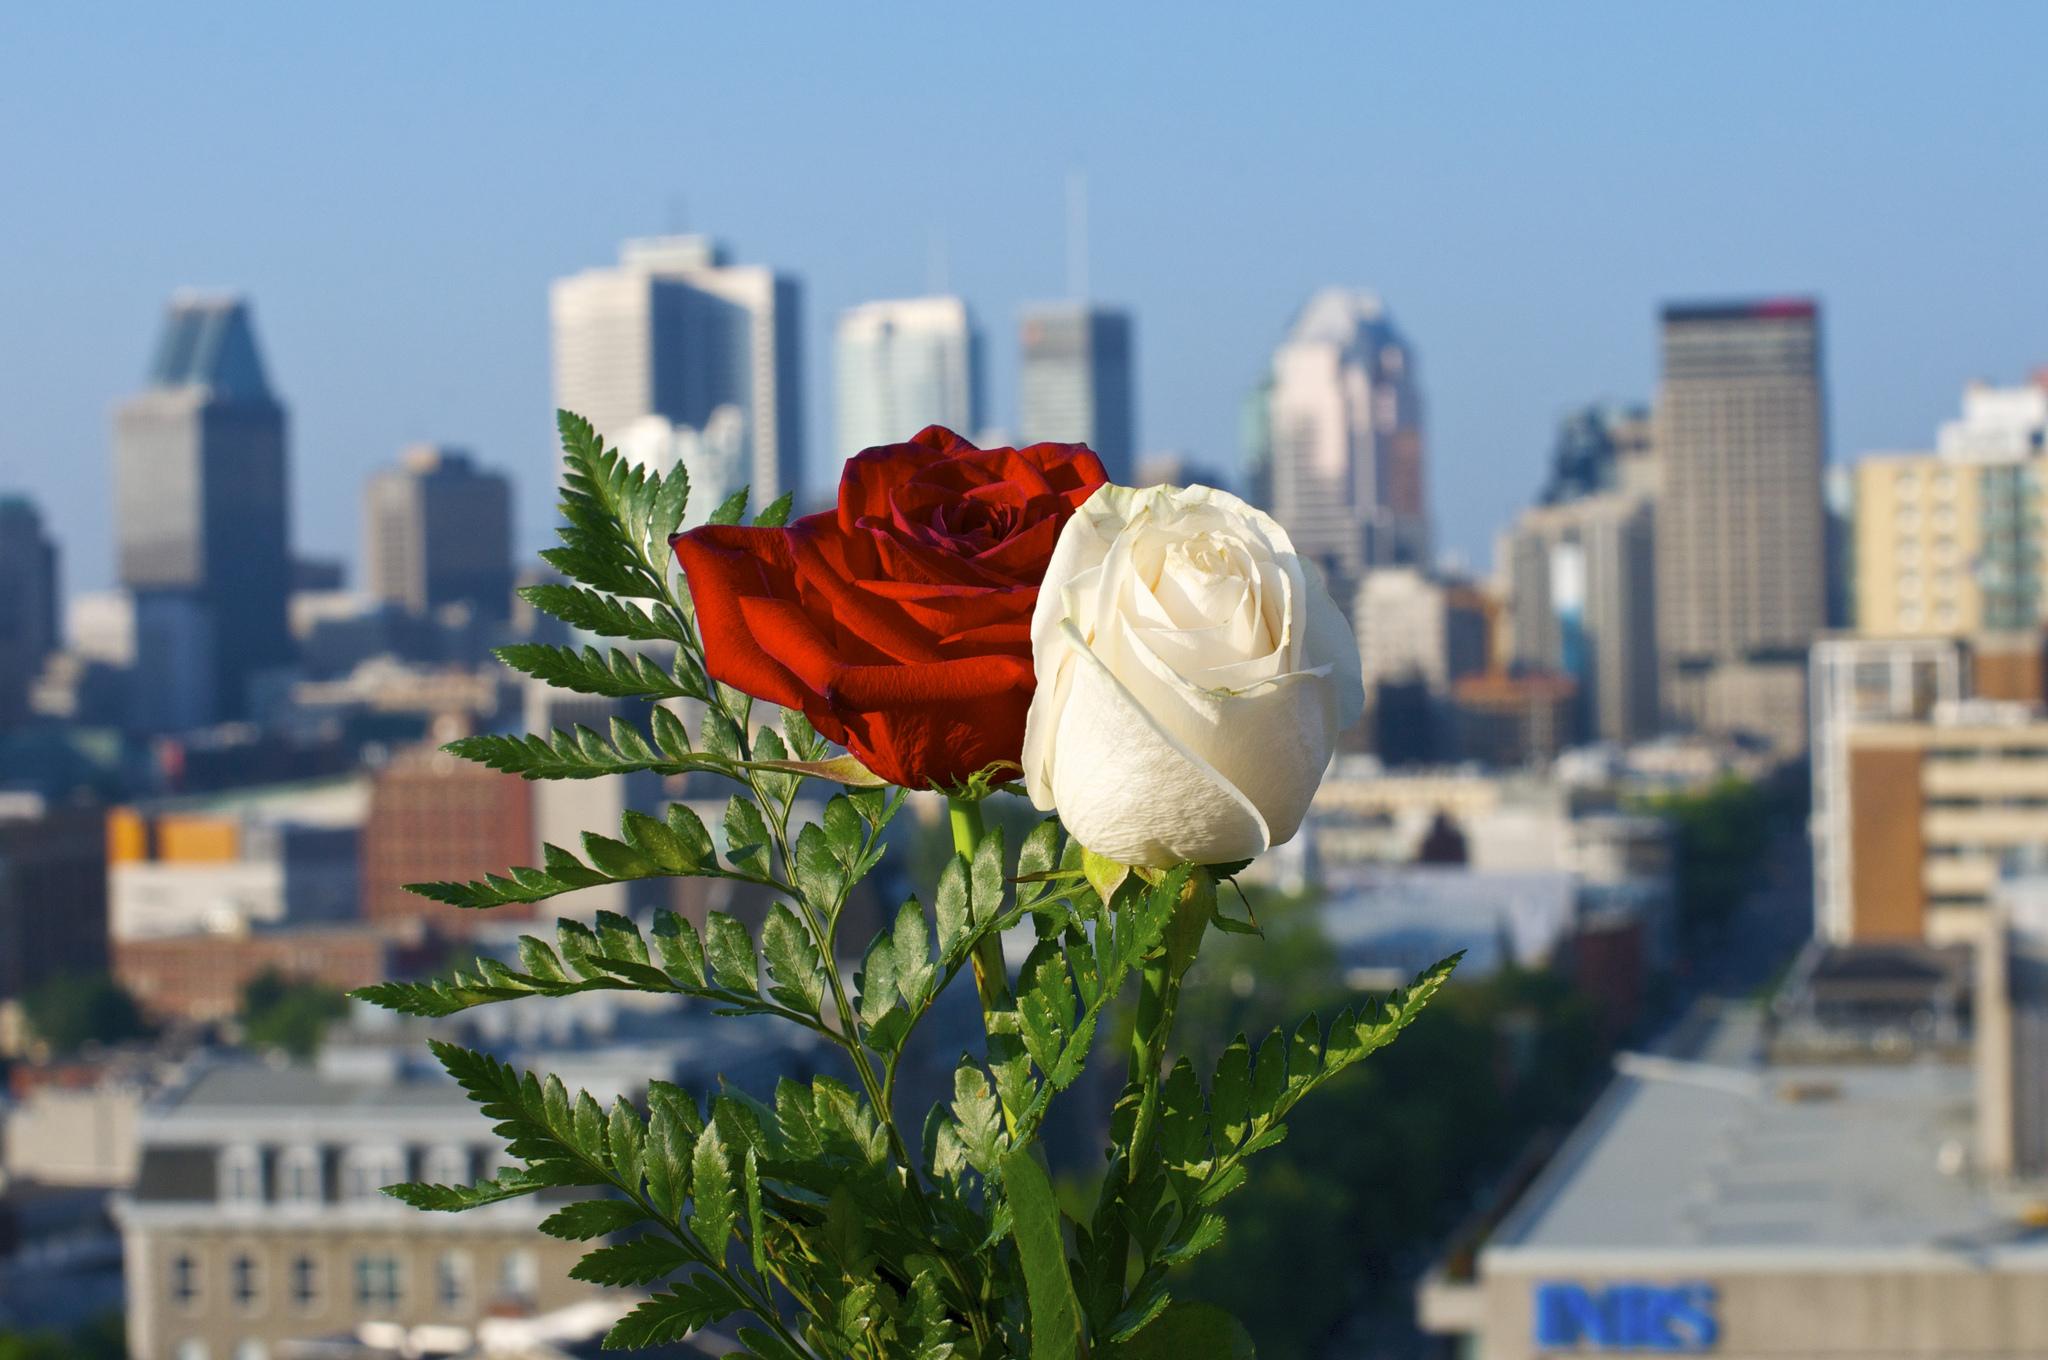 Rosas blanca y roja - 2048x1360